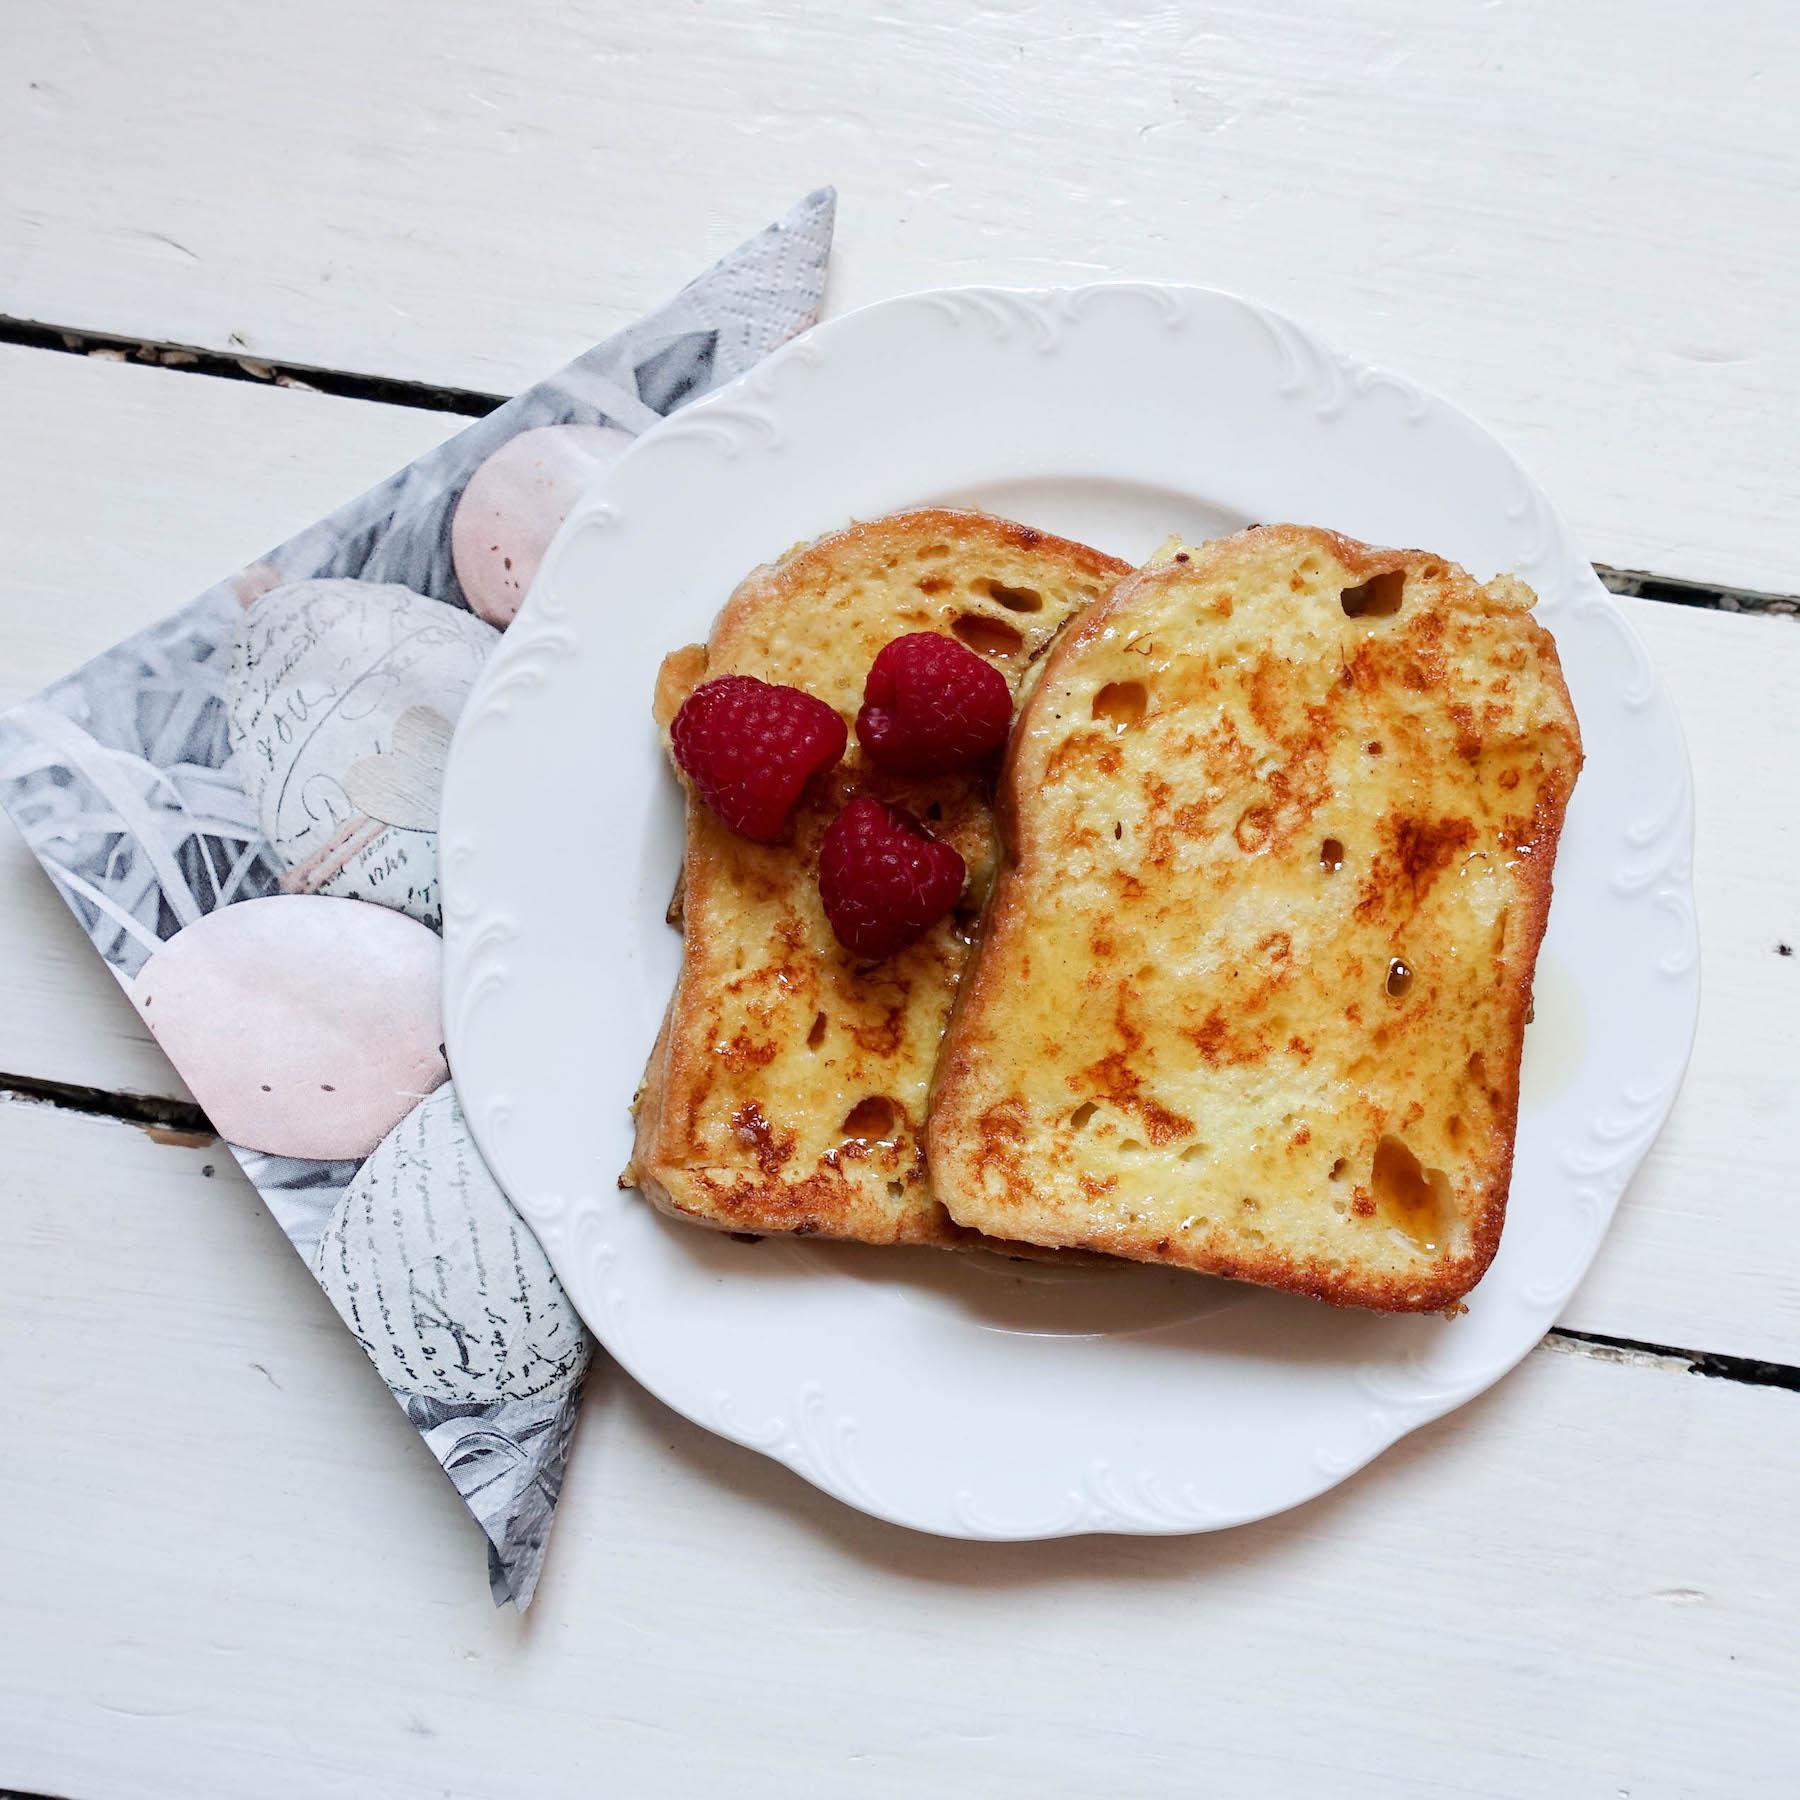 Glutenfreier French Toast suelovesnyc_blog_susan_fengler_glutenfrei_french_toast_glutenfreier_frenchtoast